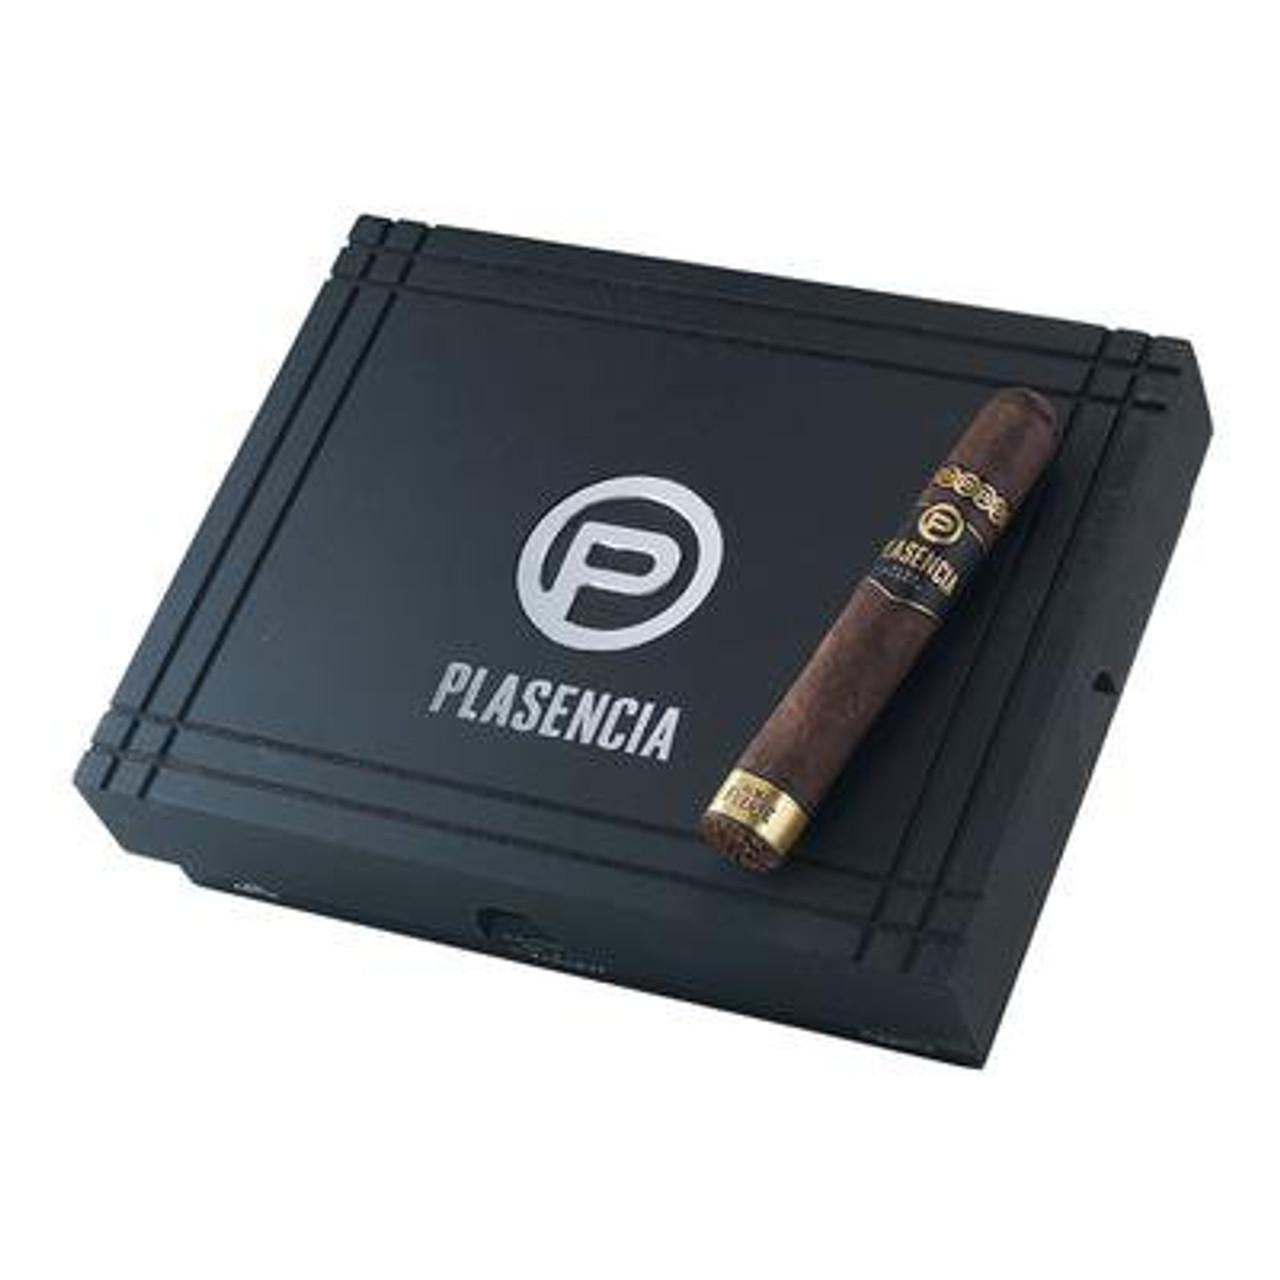 Plasencia Alma Fuerte Hexagon Cigars - 6 x 60 (Box of 10)